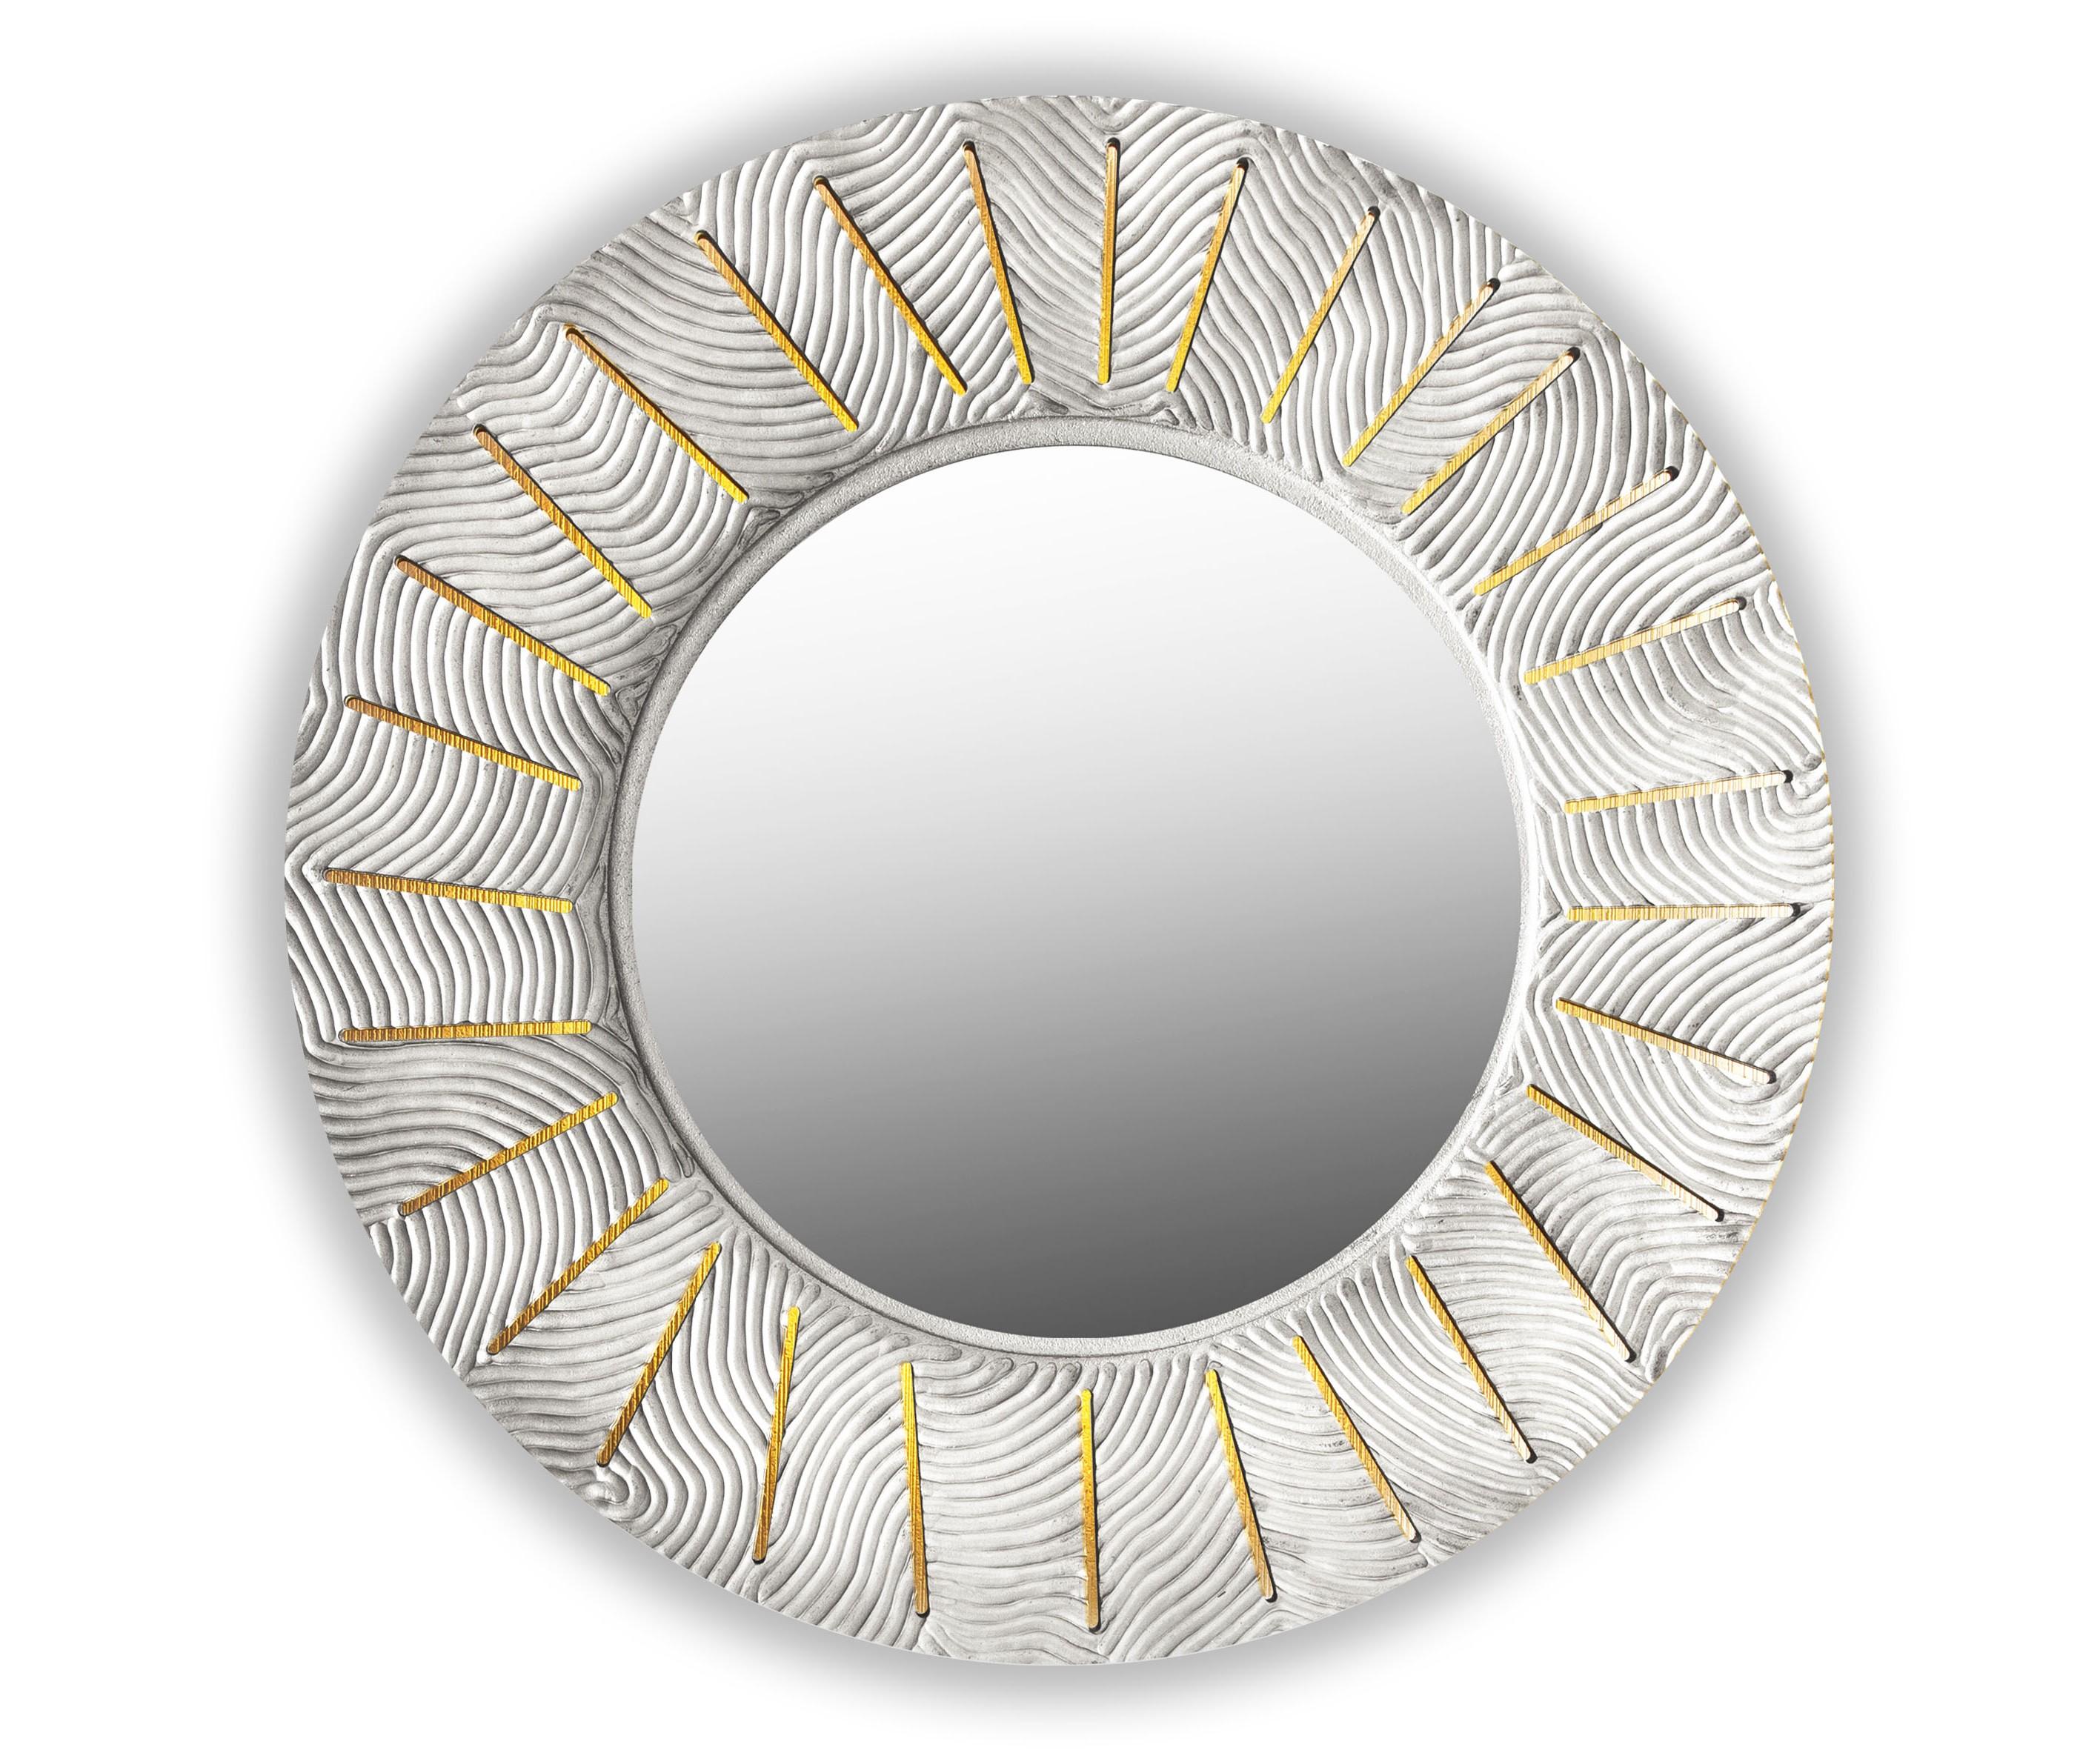 Зеркало SUNSHINEНастенные зеркала<br>С лучами солнца в дом приходят радость и веселье. <br>Распахните жизнь им навстречу, чтобы каждый день приносил удачу. <br>Символ солнца и изобилия-коллекция зеркал Sunshine согреет и осветит ваш дом.&amp;amp;nbsp;&amp;lt;div&amp;gt;&amp;lt;br&amp;gt;&amp;lt;/div&amp;gt;&amp;lt;div&amp;gt;&amp;lt;p class=&amp;quot;MsoNormal&amp;quot;&amp;gt;Товарное предложение оснащено светодиодной подсветкой.&amp;lt;o:p&amp;gt;&amp;lt;/o:p&amp;gt;&amp;lt;/p&amp;gt;&amp;lt;/div&amp;gt;<br><br>Material: Дерево<br>Глубина см: 1.0